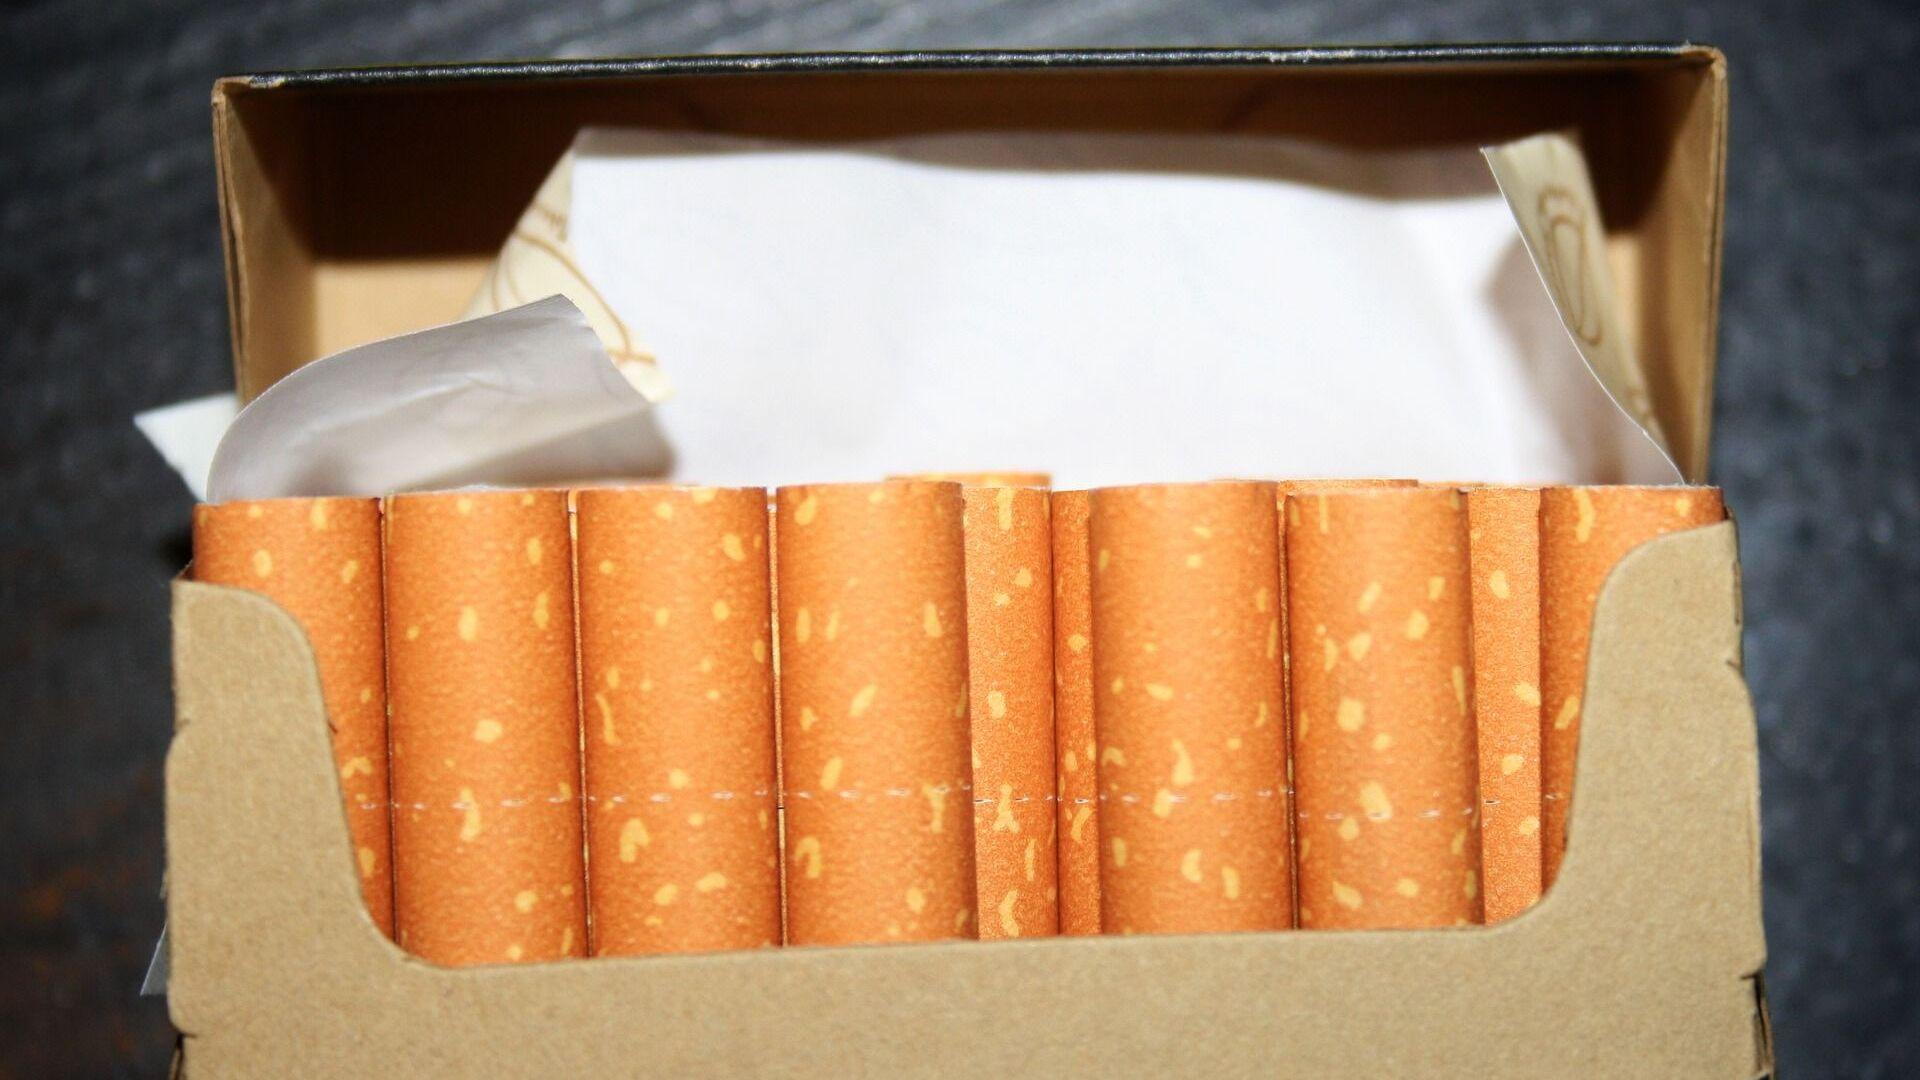 Сигареты, архивное фото - Sputnik Беларусь, 1920, 27.05.2021